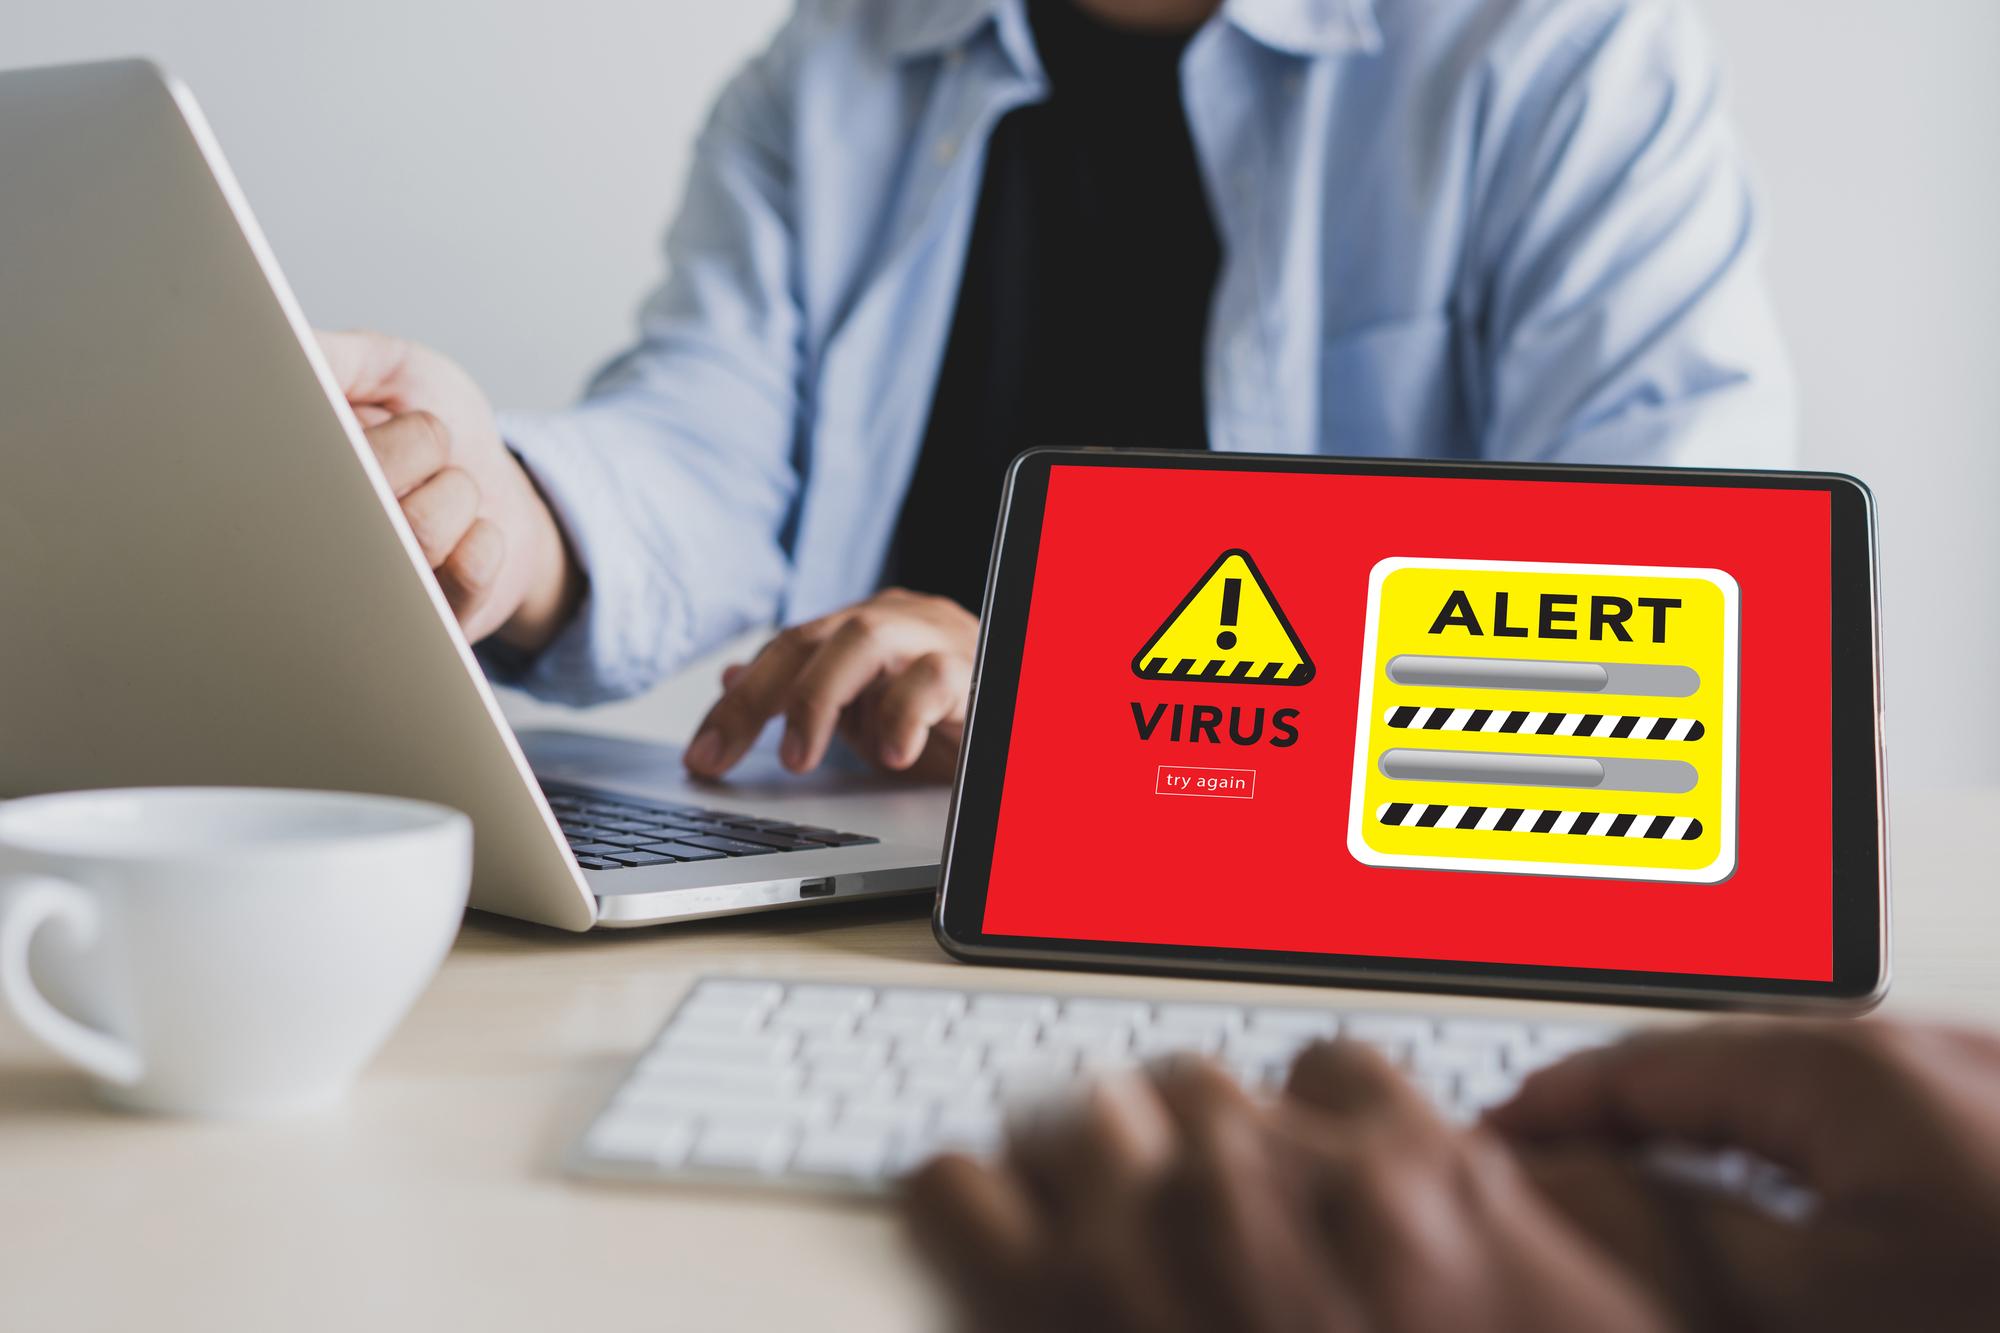 「シャドーIT」が企業にもたらすセキュリティリスクとは?原因と対策を解説